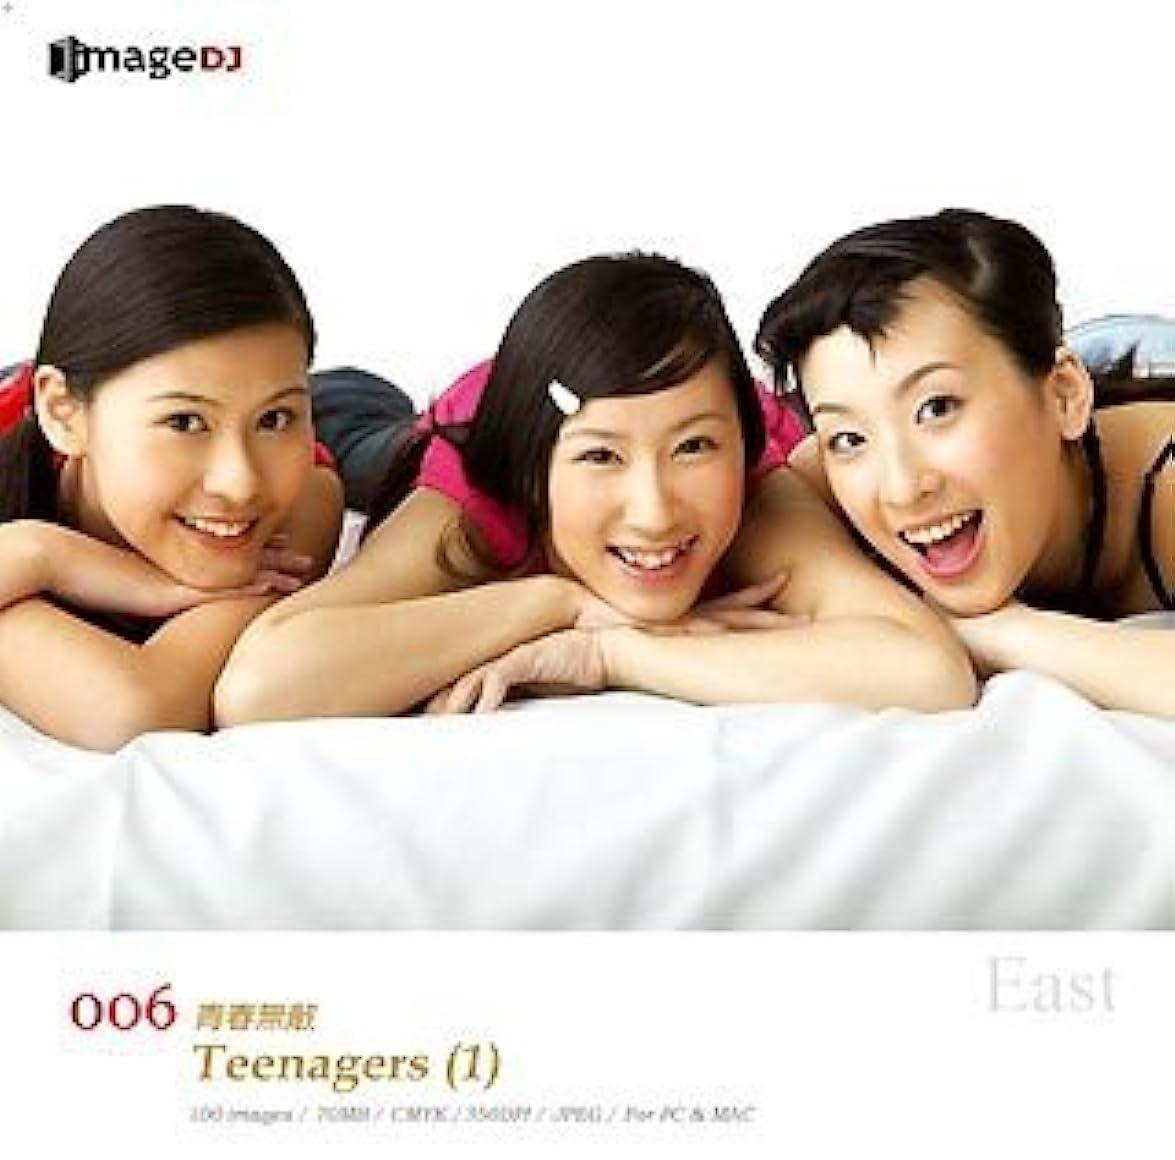 対愛人いらいらさせるEAST vol.6 ティーンエイジャー(1) Teenagers (1)